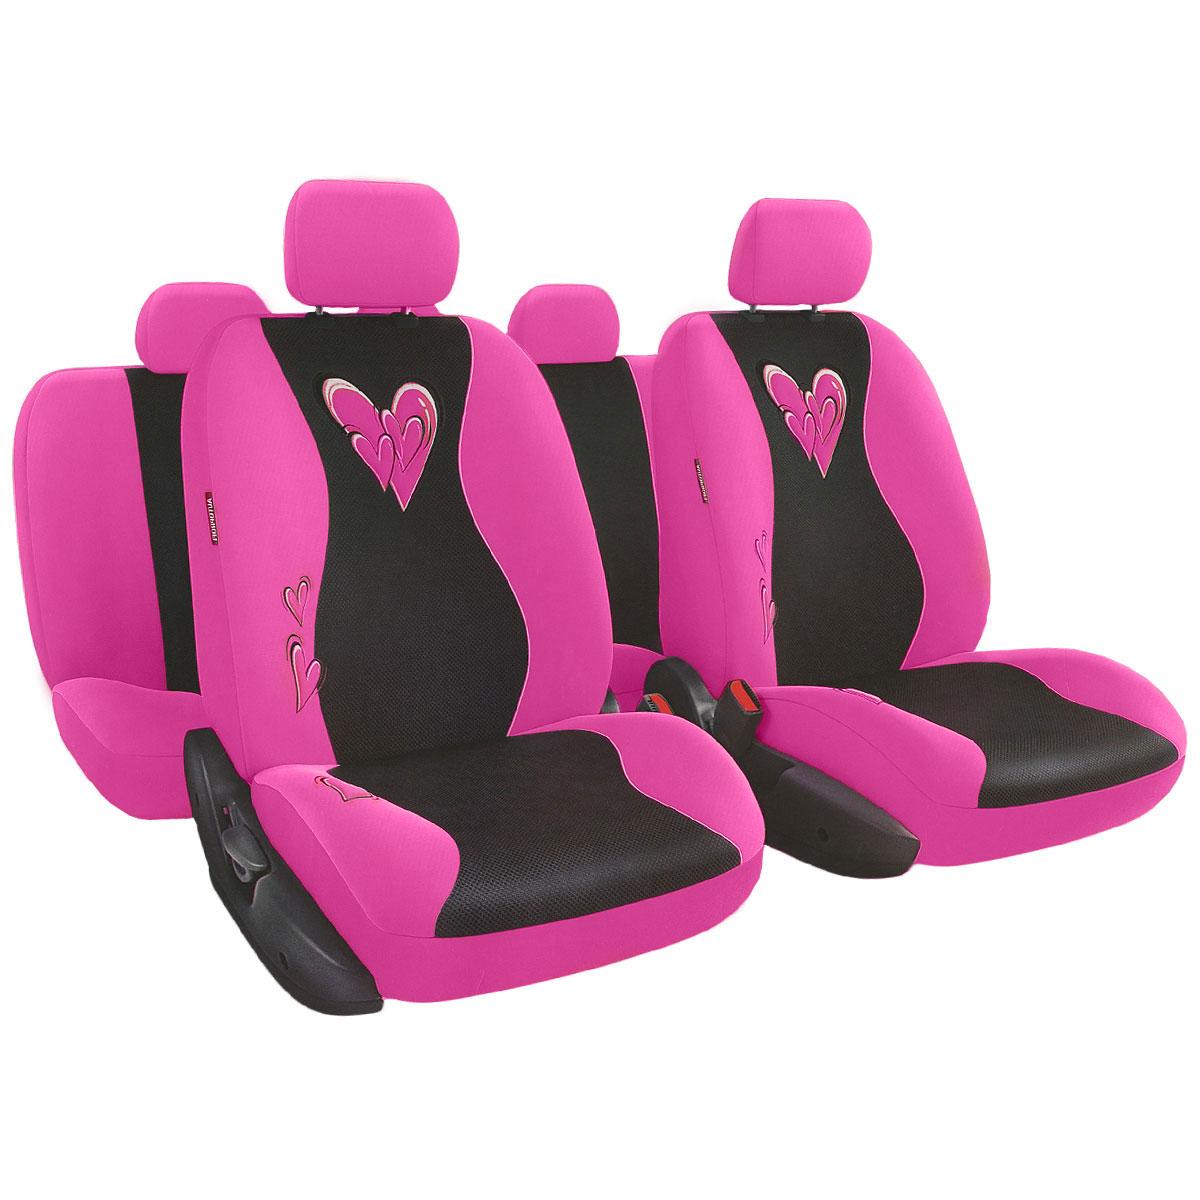 Набор авточехлов Autoprofi Glamour, велюр, цвет: розовый, 13 предметовGLM-1105 PINKМодель автомобильных чехлов Glamour разработана специально для милых дам. Очаровательный двухцветный дизайн и мягкие расцветки чехлов помогают придать салону автомобиля атмосферу гламура и чисто женского шарма. Нежный велюр и объемная сетчатая ткань чехлов делают их очень привлекательными и приятными на ощупь. Высококачественные материалы, триплированные толстым слоем поролона, способствуют улучшенной вентиляции кресел и позволяют сделать комфортными и неутомительными даже долгие поездки. Основные особенности авточехлов Glamour: - 3 молнии в спинке заднего ряда; - 3 молнии в сиденье заднего ряда; - карманы в спинках передних сидений; - крепление передних спинок липучками; - предустановленные крючки на широких резинках; - толщина поролона: 5 мм. Комплектация: - 1 сиденье заднего ряда; - 1 спинка заднего ряда; - 2 сиденья переднего ряда; - 2 спинки переднего ряда; - 5 подголовников; -...